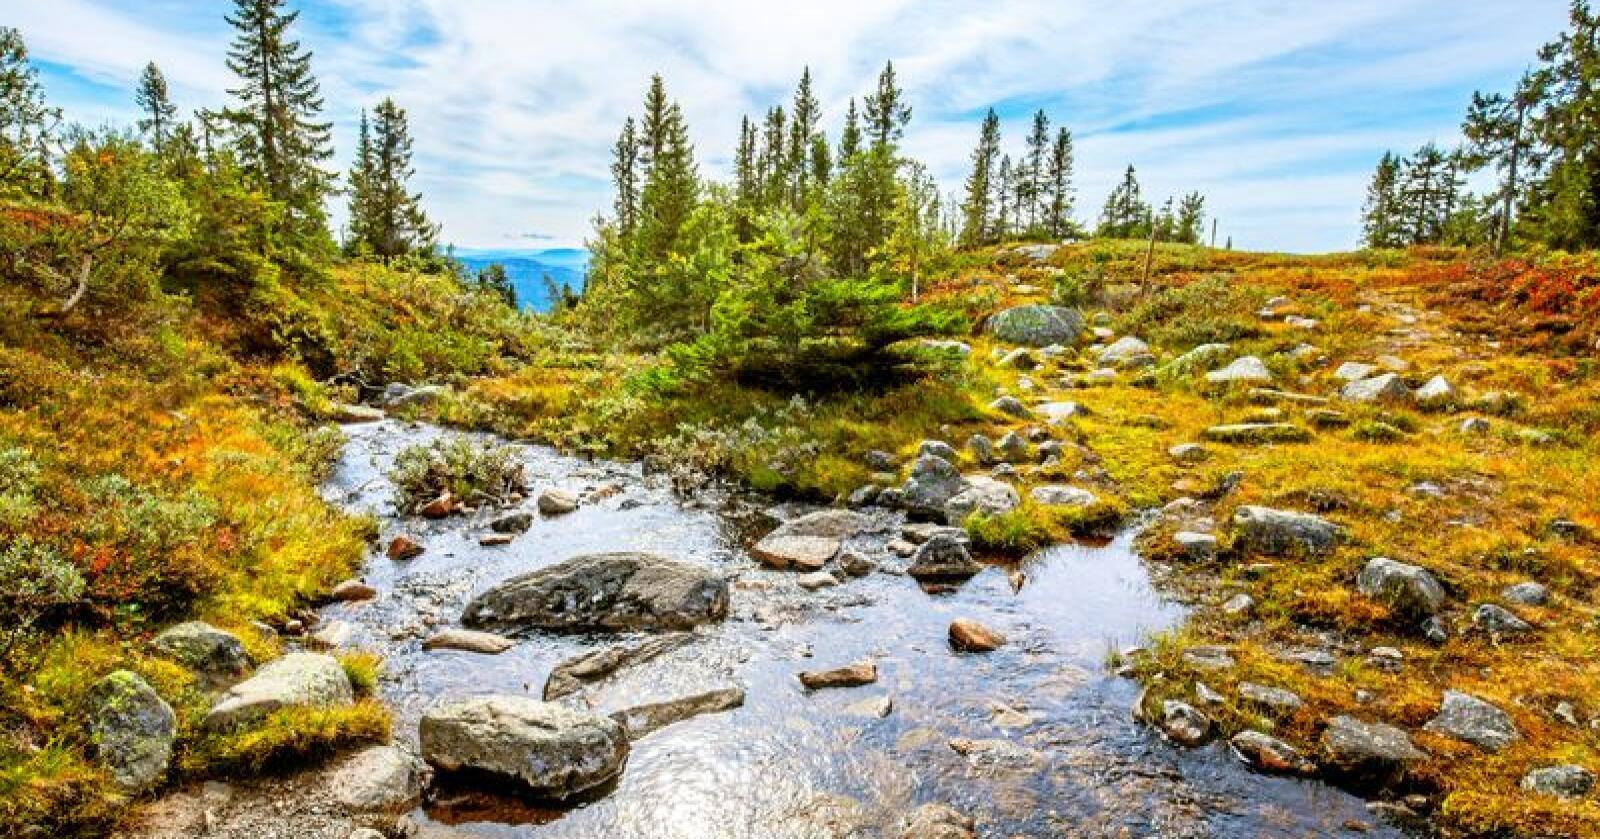 Bekker som denne, på Eggedalsfjellet i Sigdal kommune i Buskerud, er rødlistet som truet naturtype i Norge. Foto: Halvard Alvik / NTB scanpix